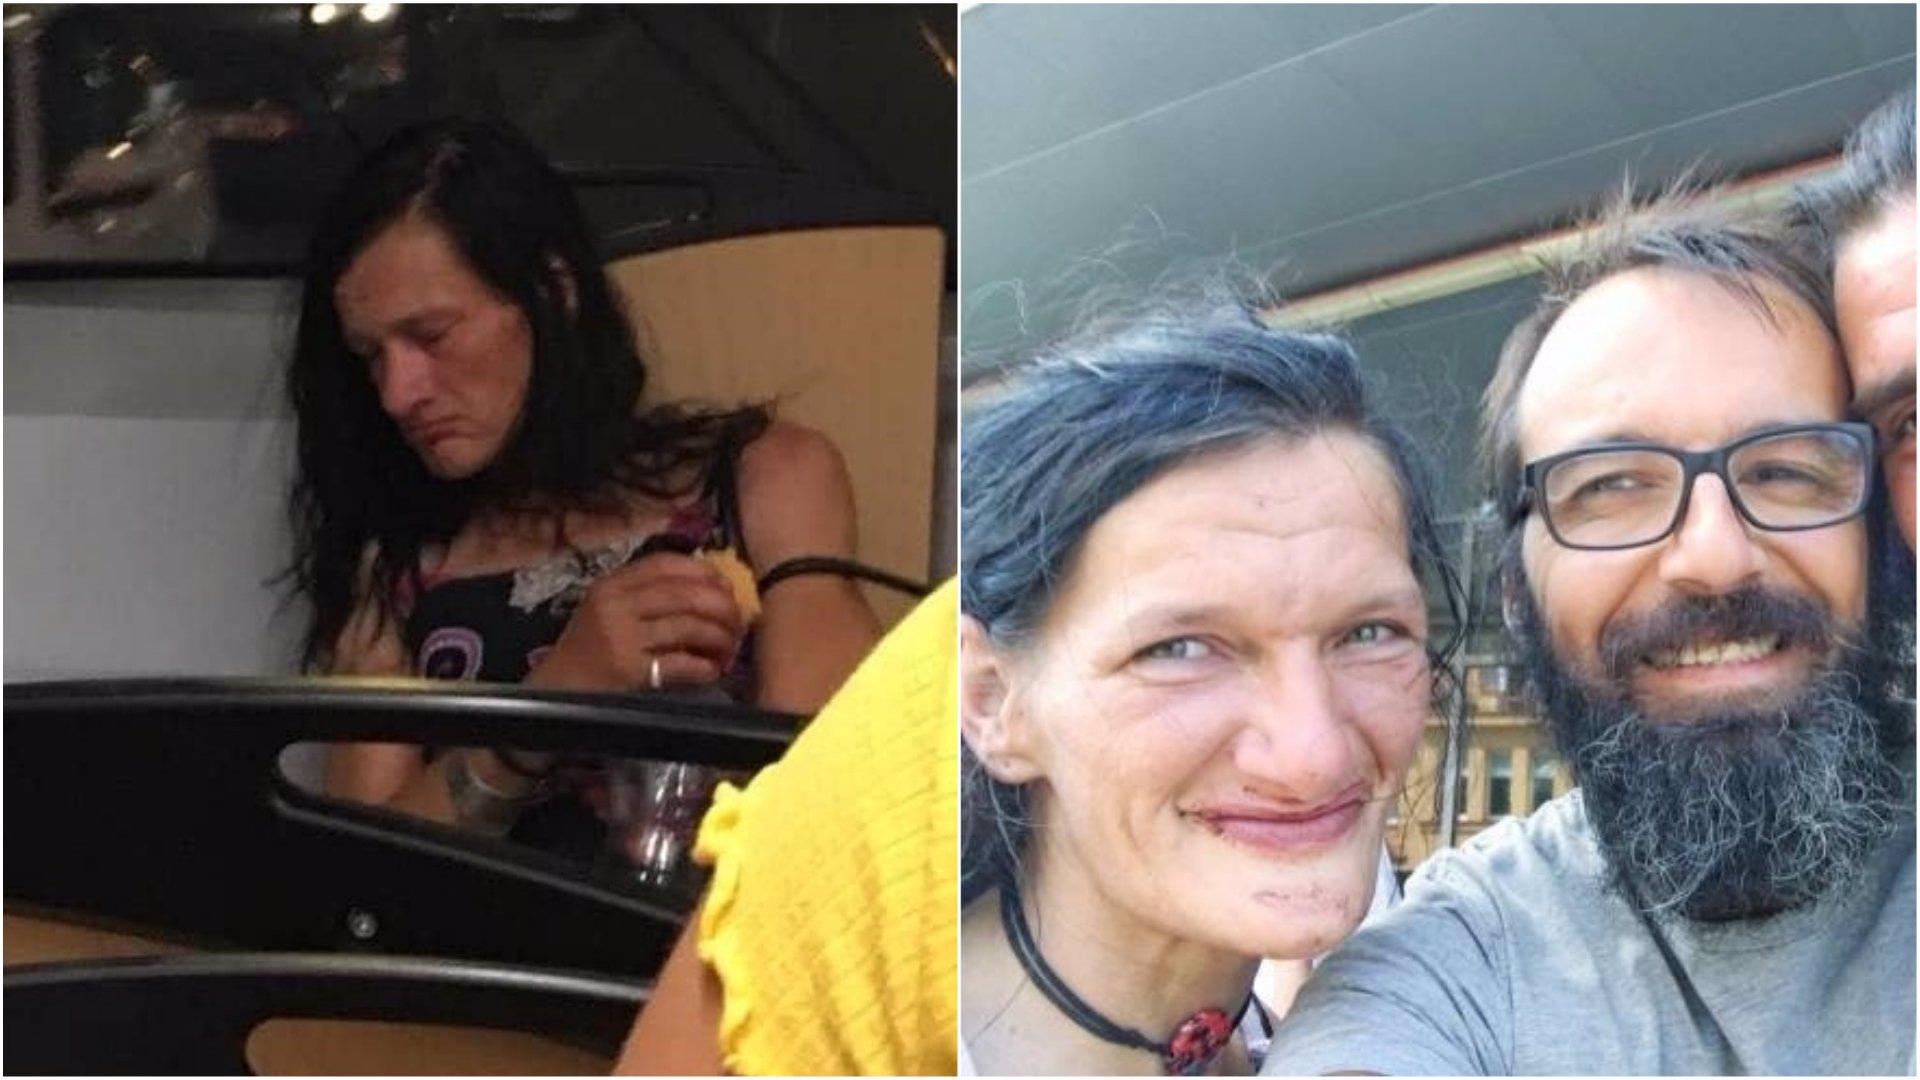 Přišla drogová úleva: V životě heroinové Katky nastal DŮLEŽITÝ ZLOM!